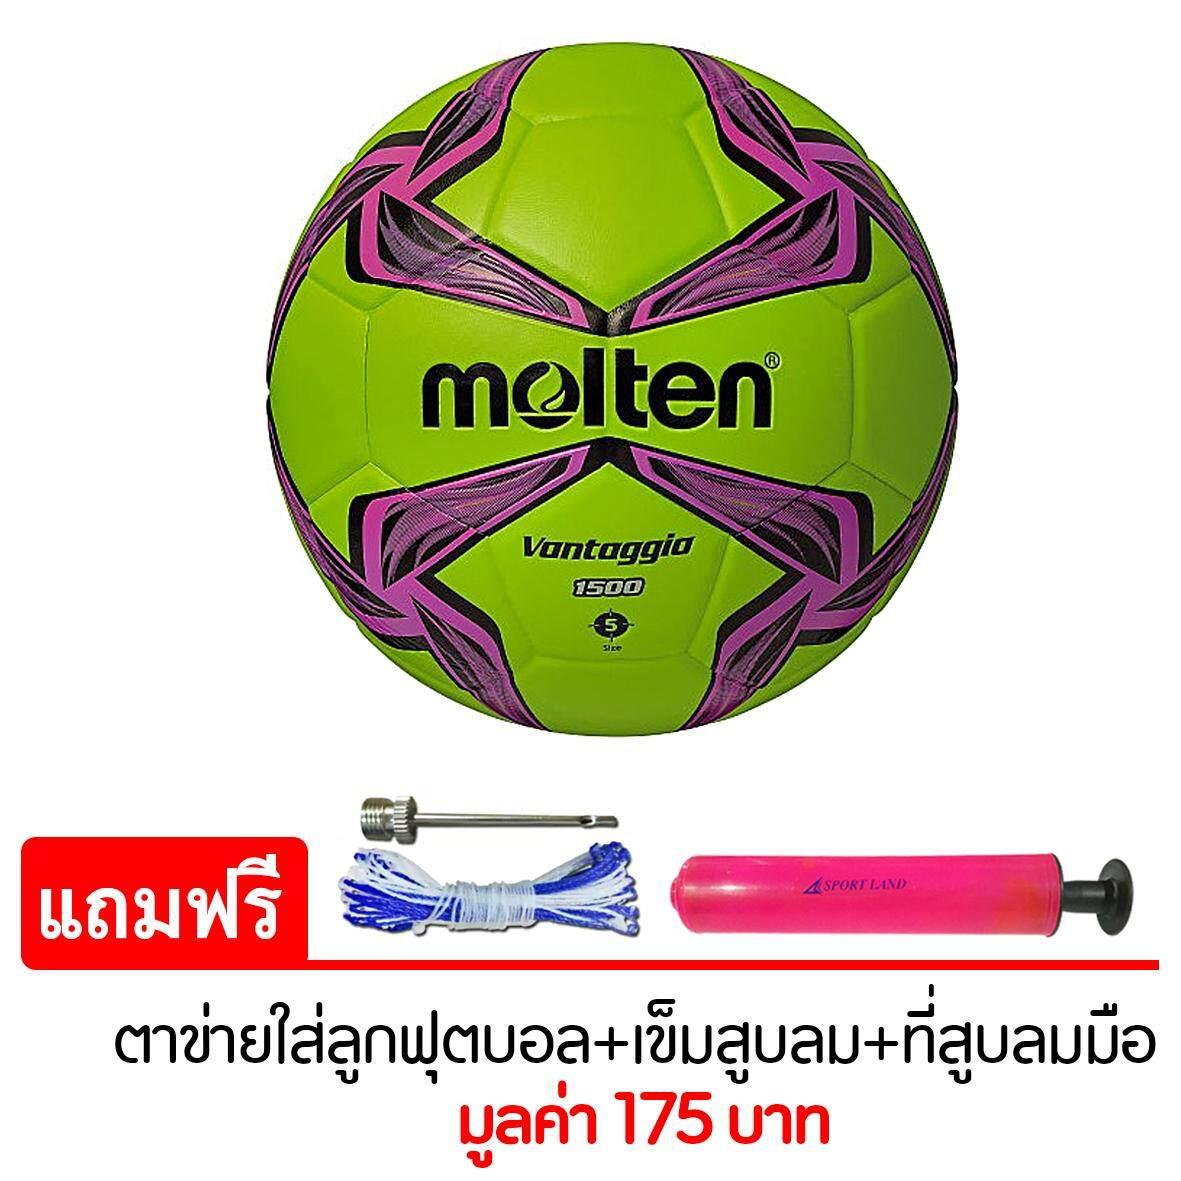 ยี่ห้อนี้ดีไหม  น่าน MOLTEN ลูกฟุตบอล Football PVC F5V1500-GP เบอร์5  แถมฟรี ตาข่ายใส่ลูกฟุตบอล + เข็มสูบลม + สูบมือ SPL รุ่น SL6 สีชมพู